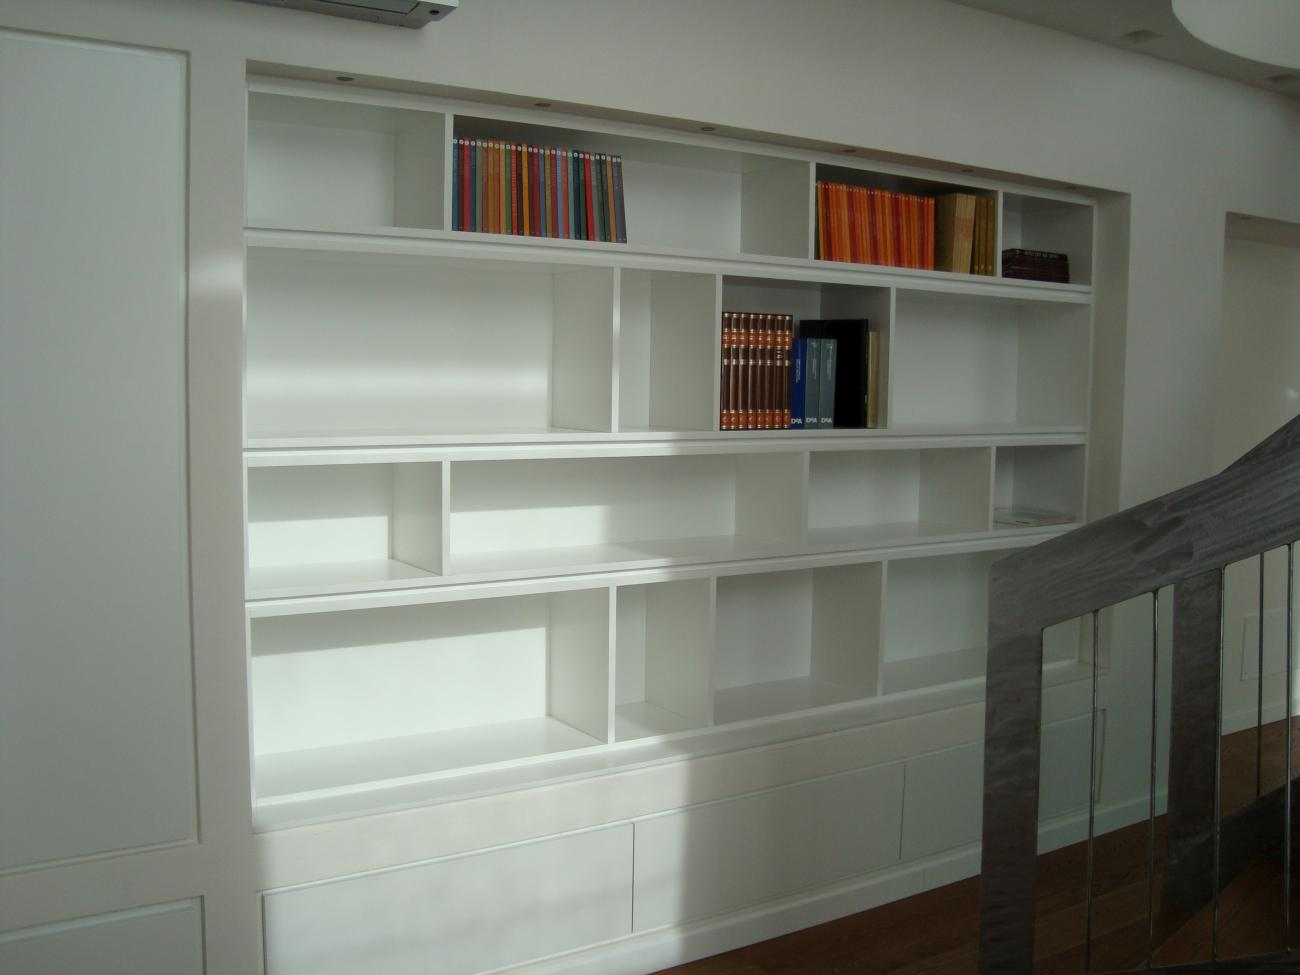 armadi_librerie_7